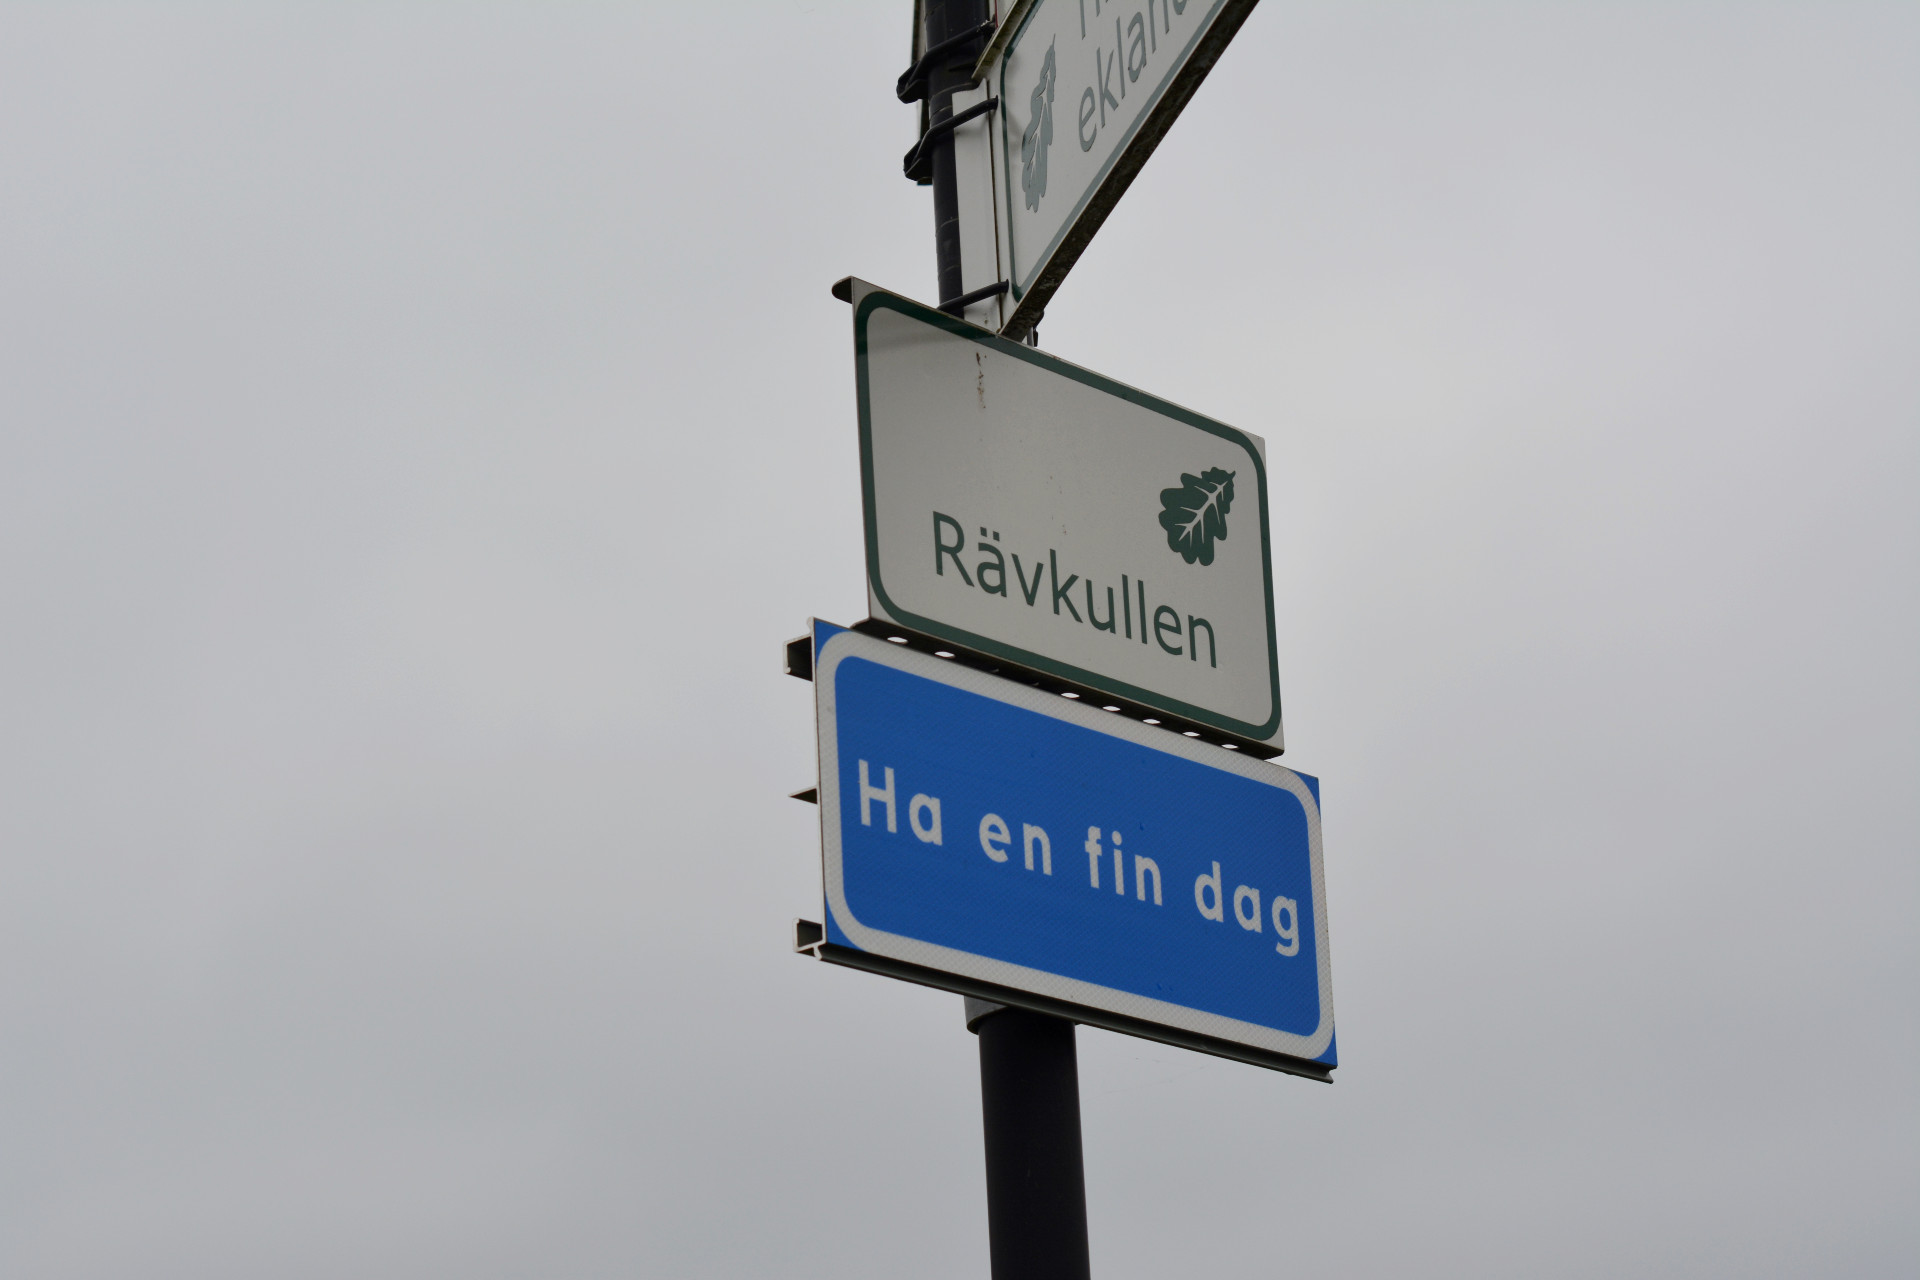 Vägskylt av Rävkullen i Linköping.